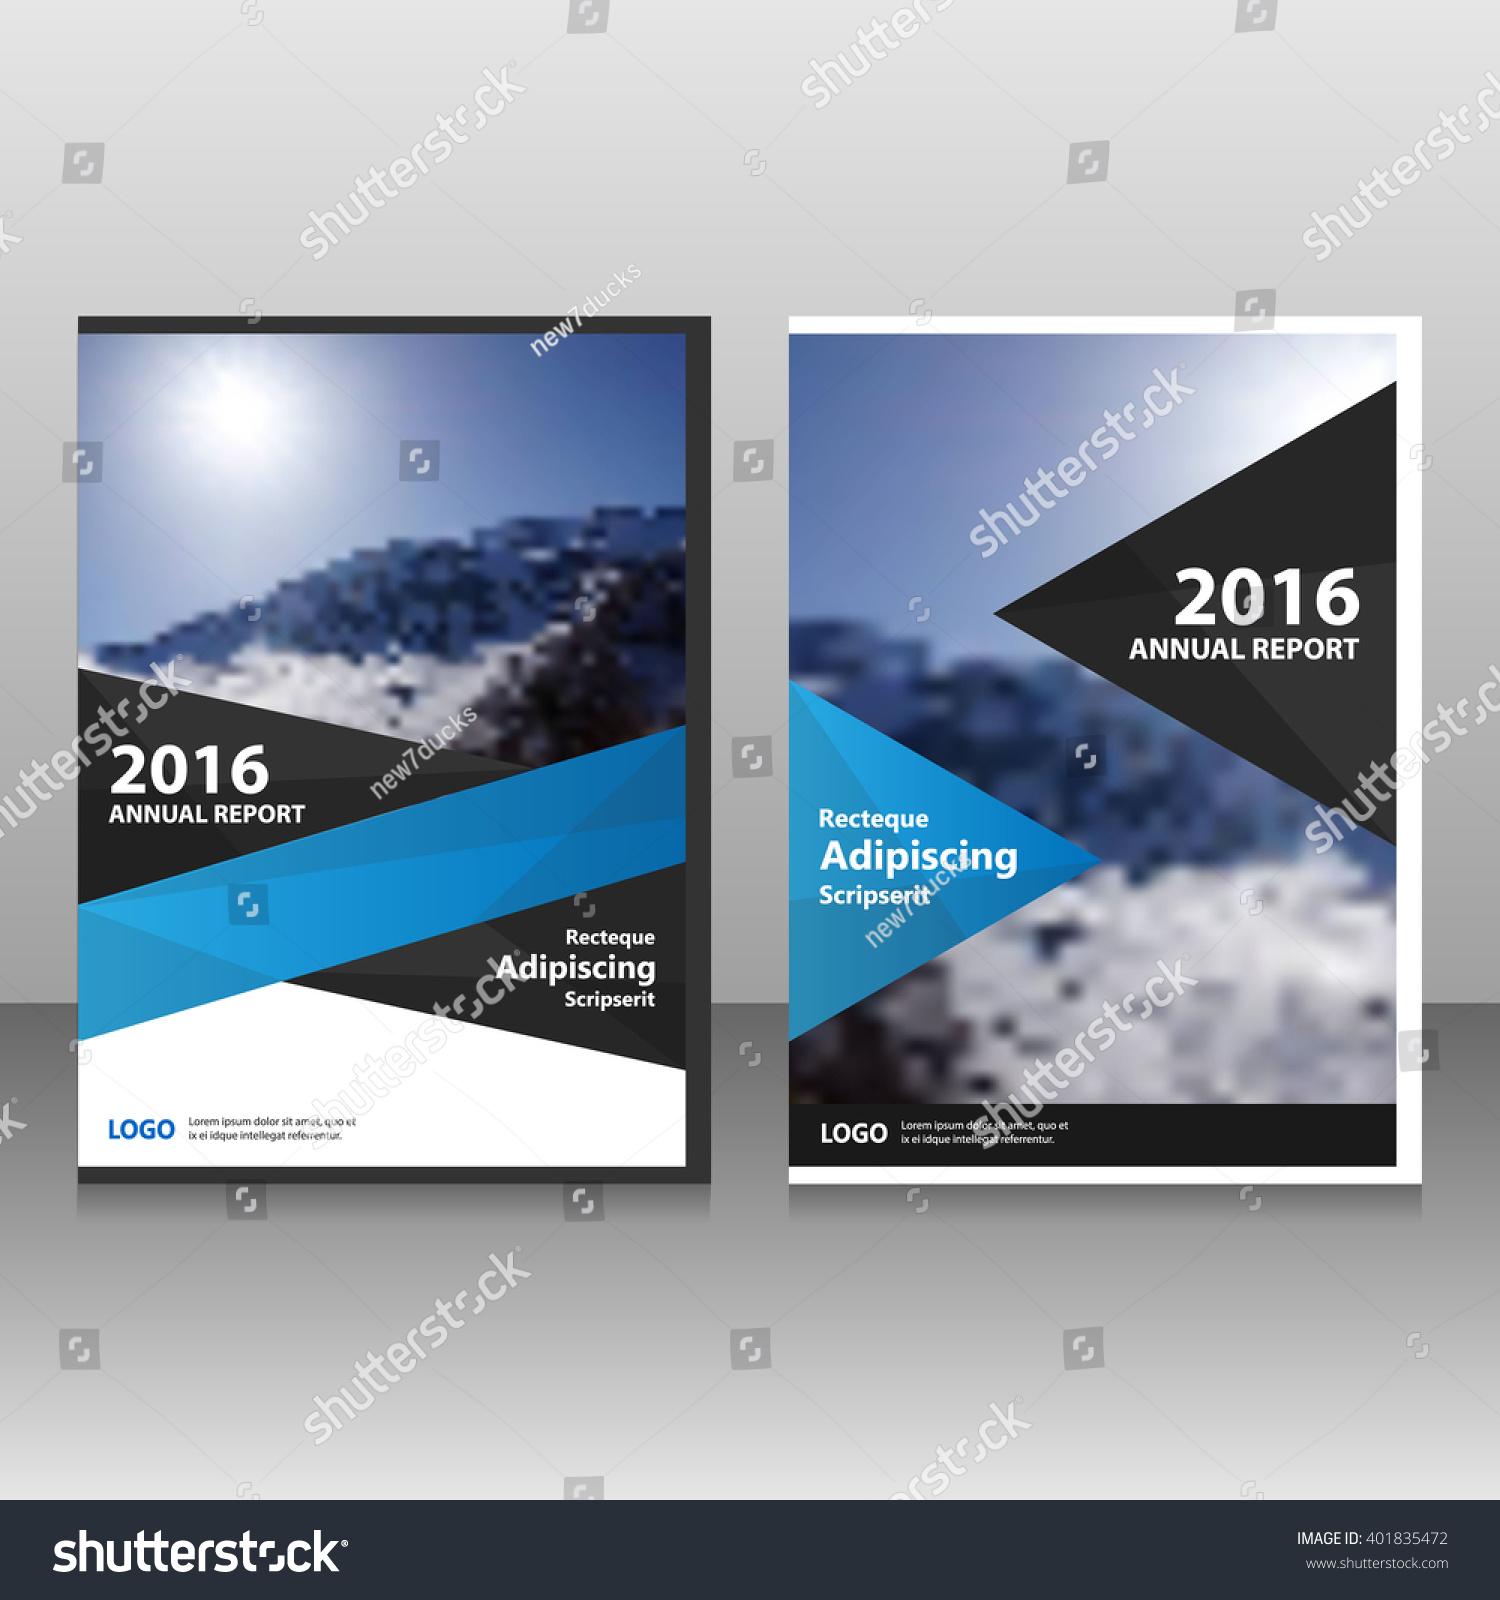 Blue black elegance Vector annual report Leaflet Brochure Flyer template design book cover layout design